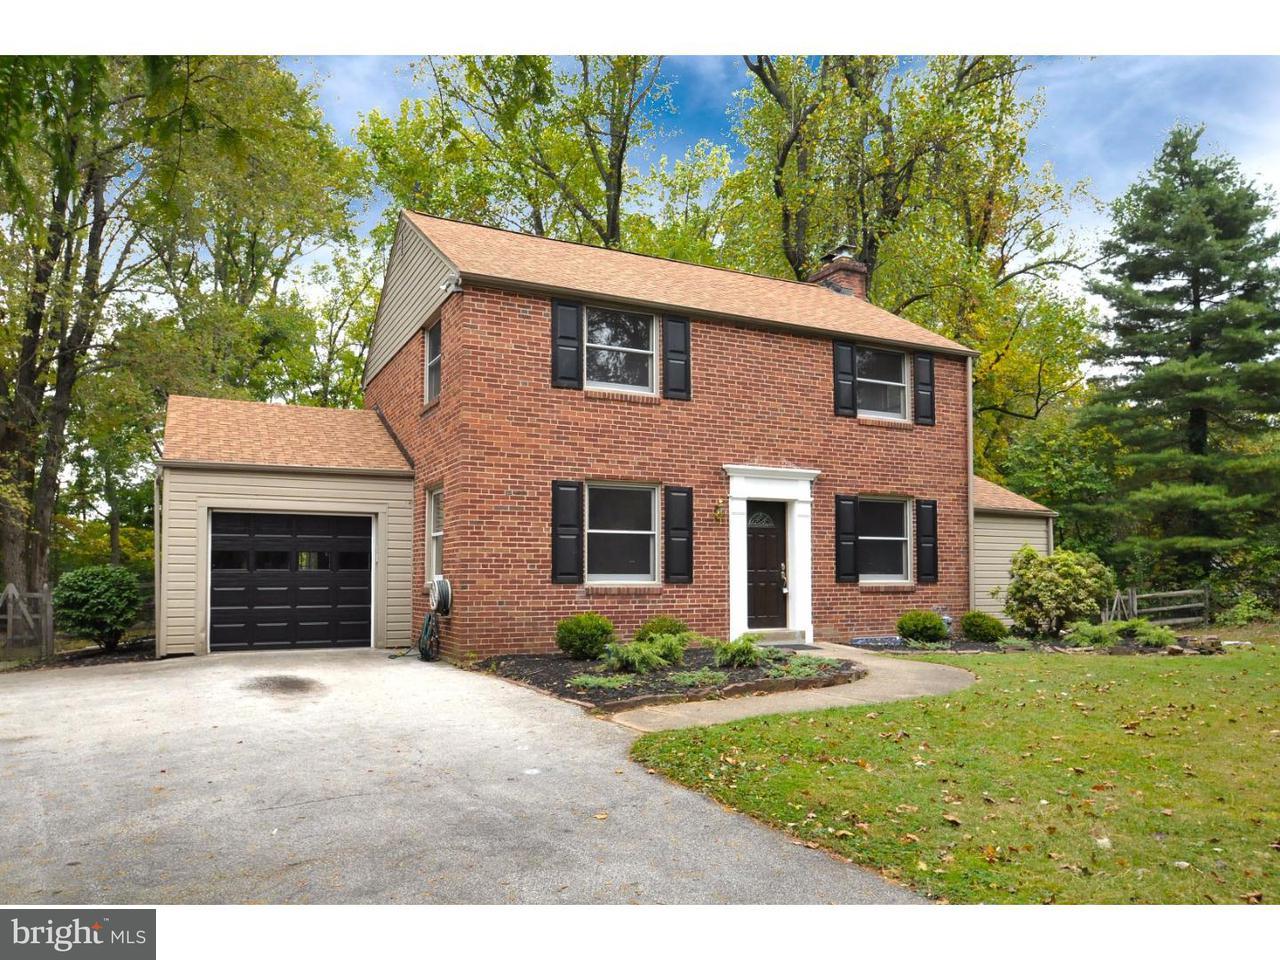 独户住宅 为 出租 在 705 ROBERTS Road 安布勒, 宾夕法尼亚州 19002 美国